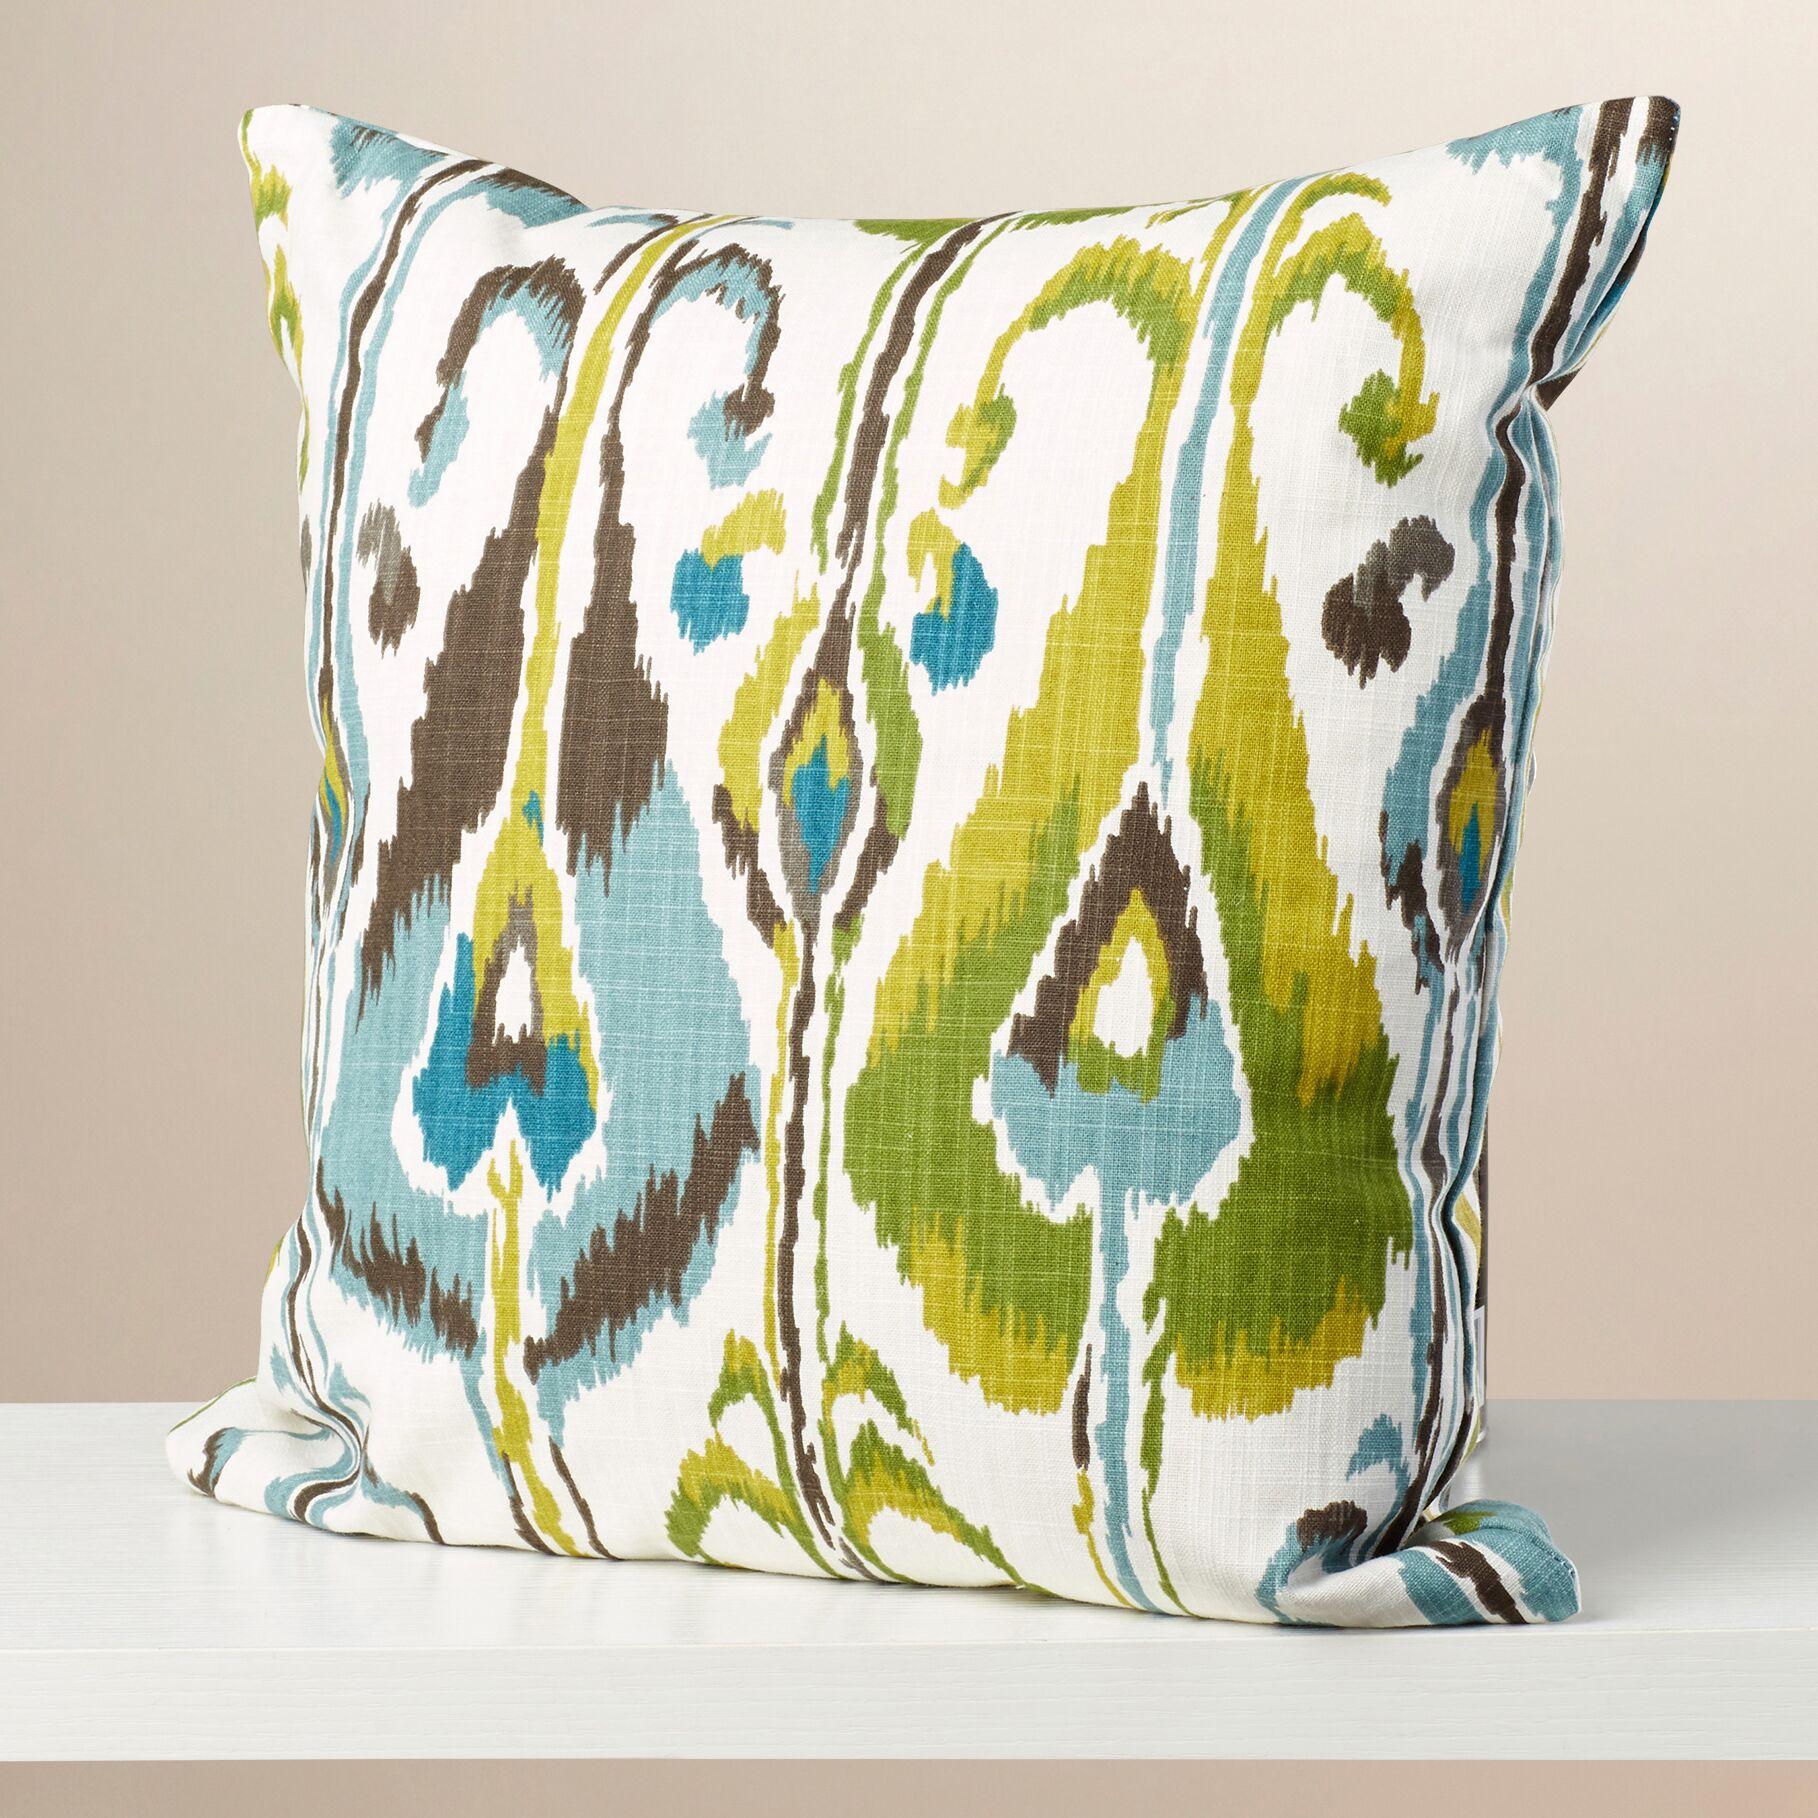 Deeanna Ikat Cotton Throw Pillow Color: Indigo, Size: 24